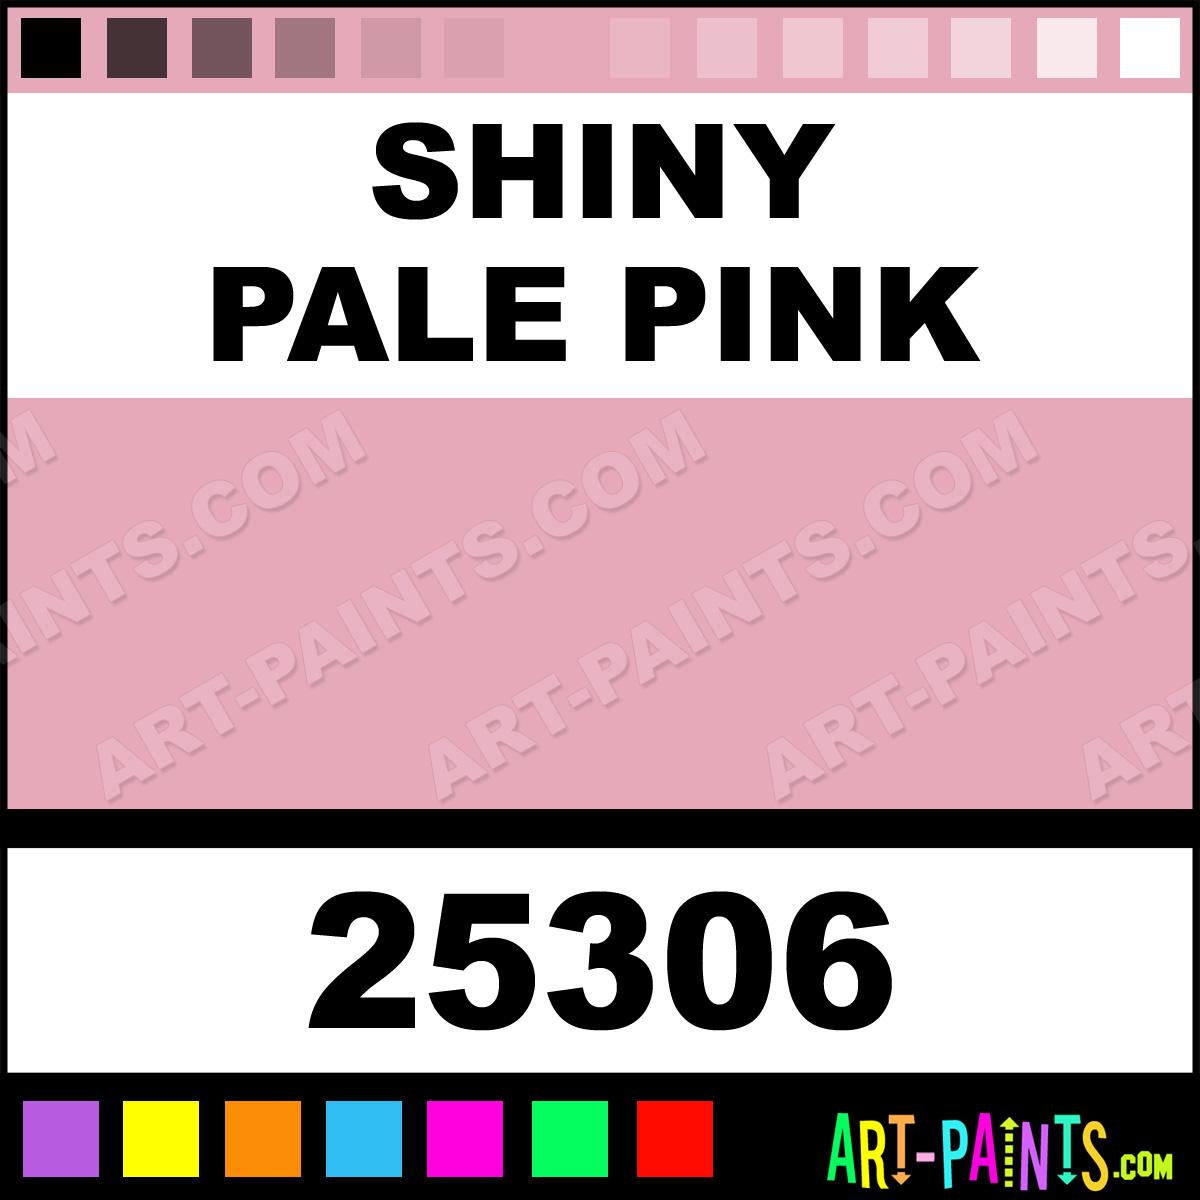 shiny pale pink fashion dimensional fabric textile paints 25306